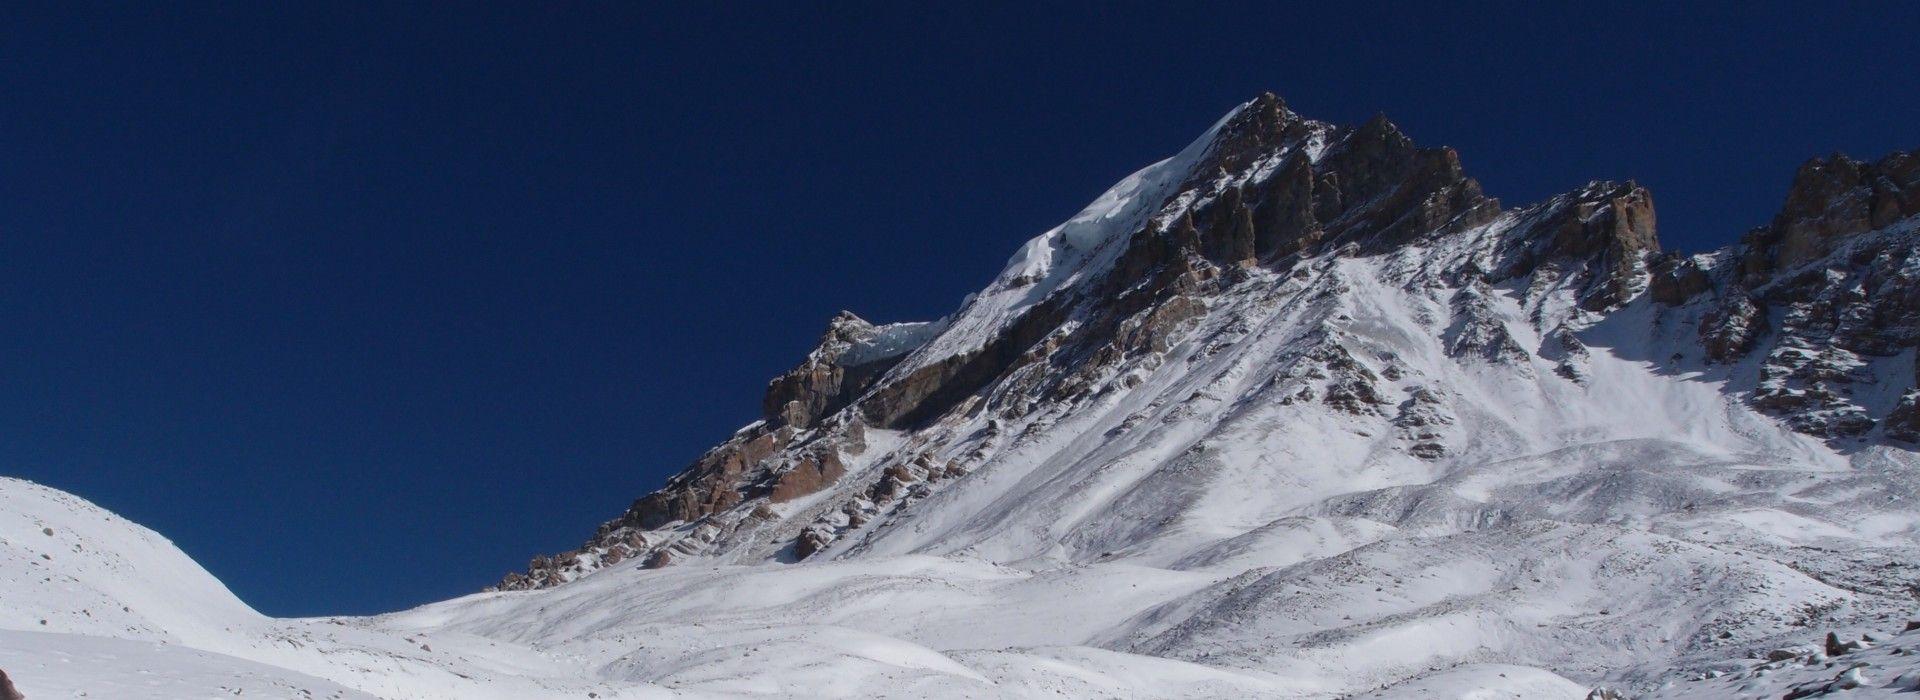 Annapurna Panorama Trek - View of the trail - Bookmundi